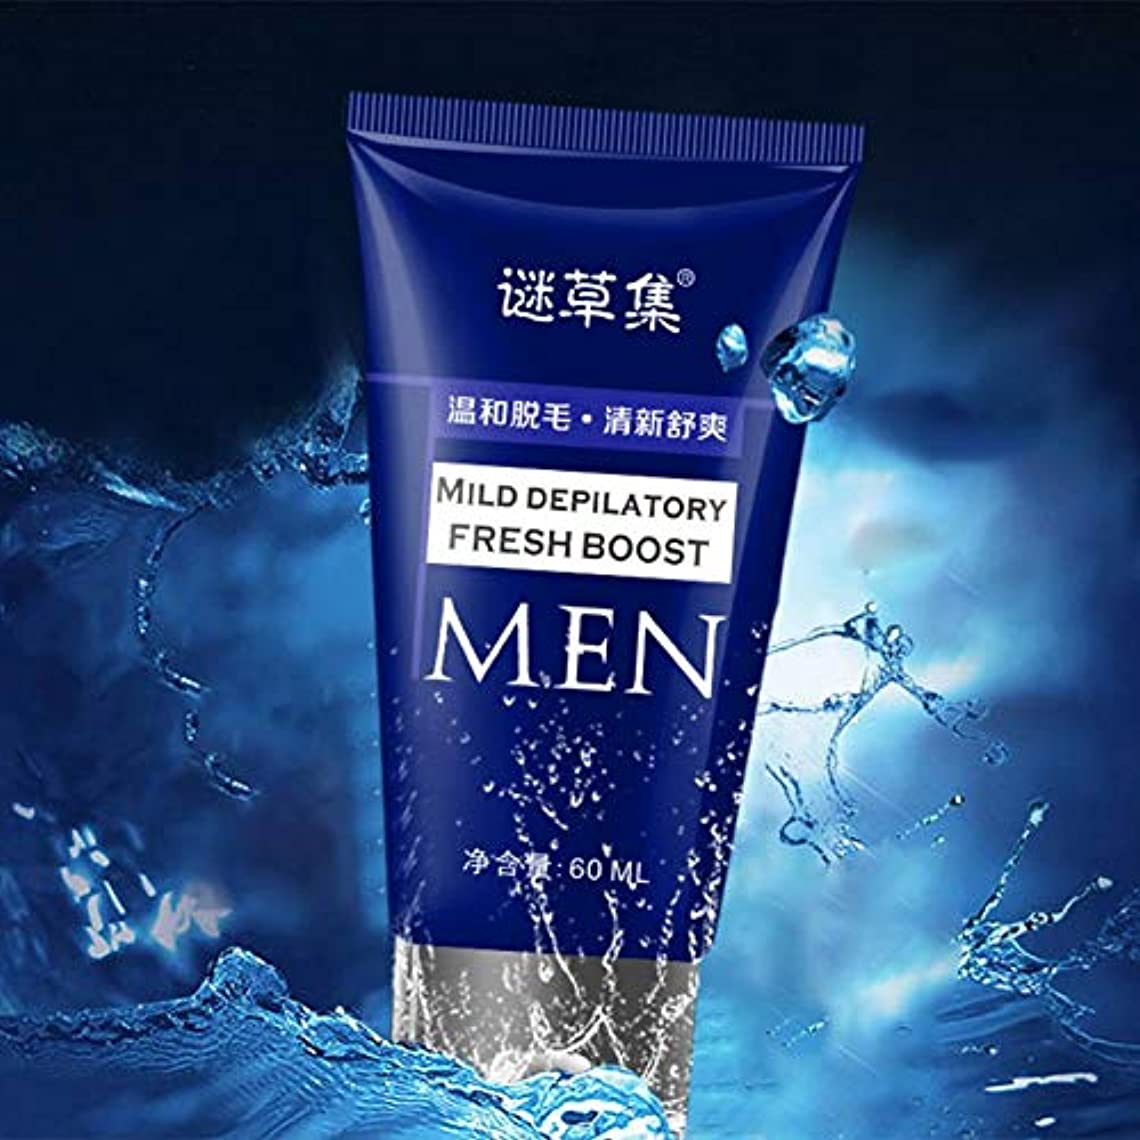 ふざけたボトルドーム60ml 薬用除毛剤 除毛 脱毛クリーム 無痛無害 メンズ 敏感肌用 すべての肌タイプ 使用可能